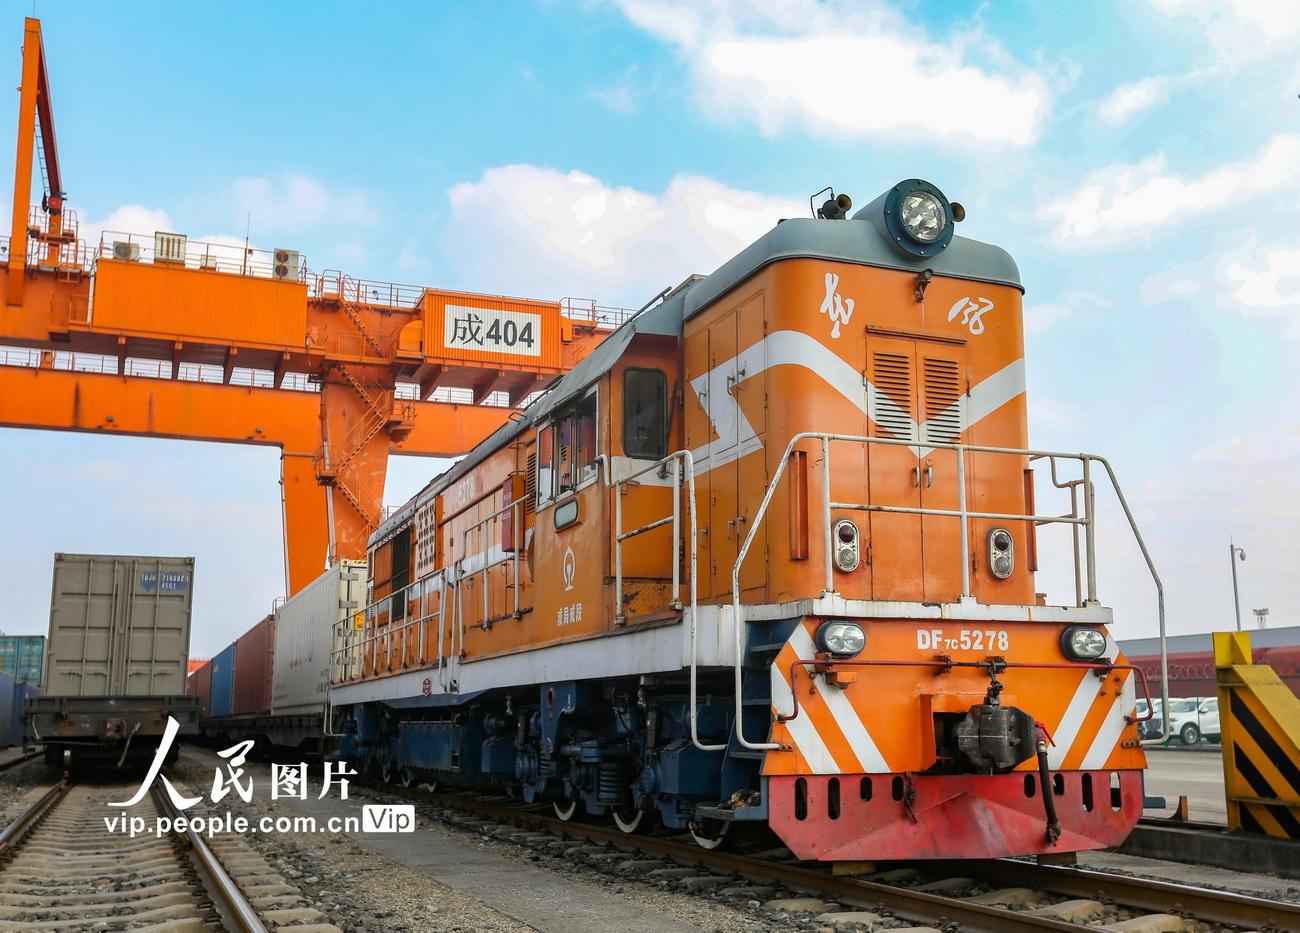 中欧班列(成都-蒂尔堡)发车